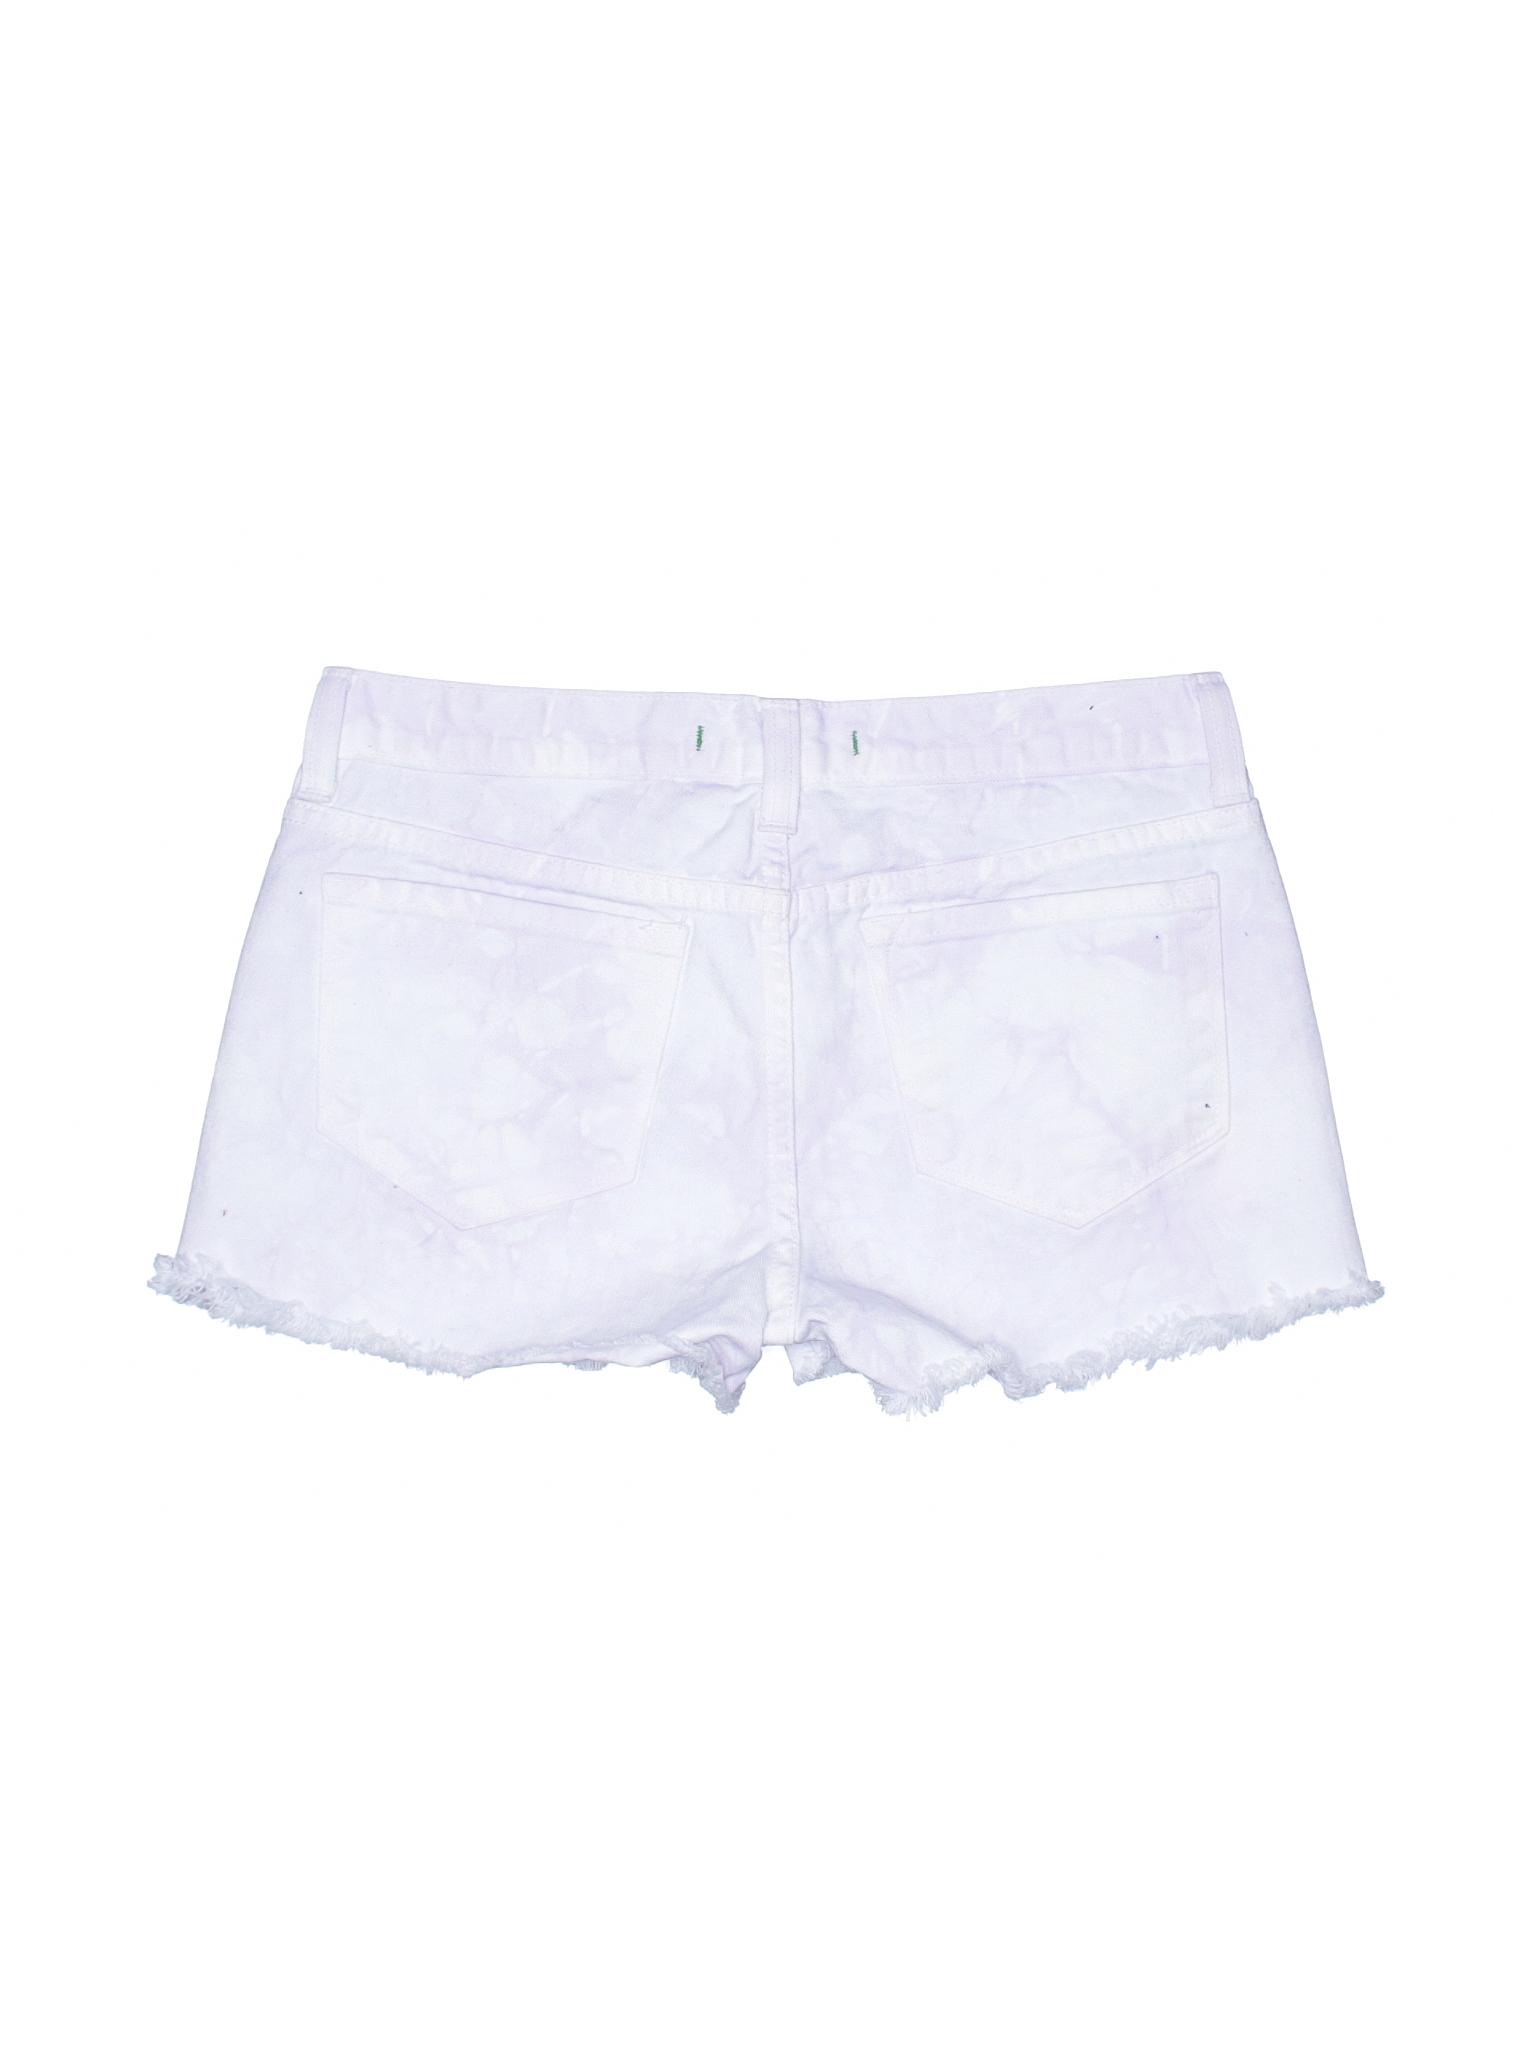 Shorts Brand Denim Boutique J Denim Brand J Boutique Boutique Shorts awqx0Wvd